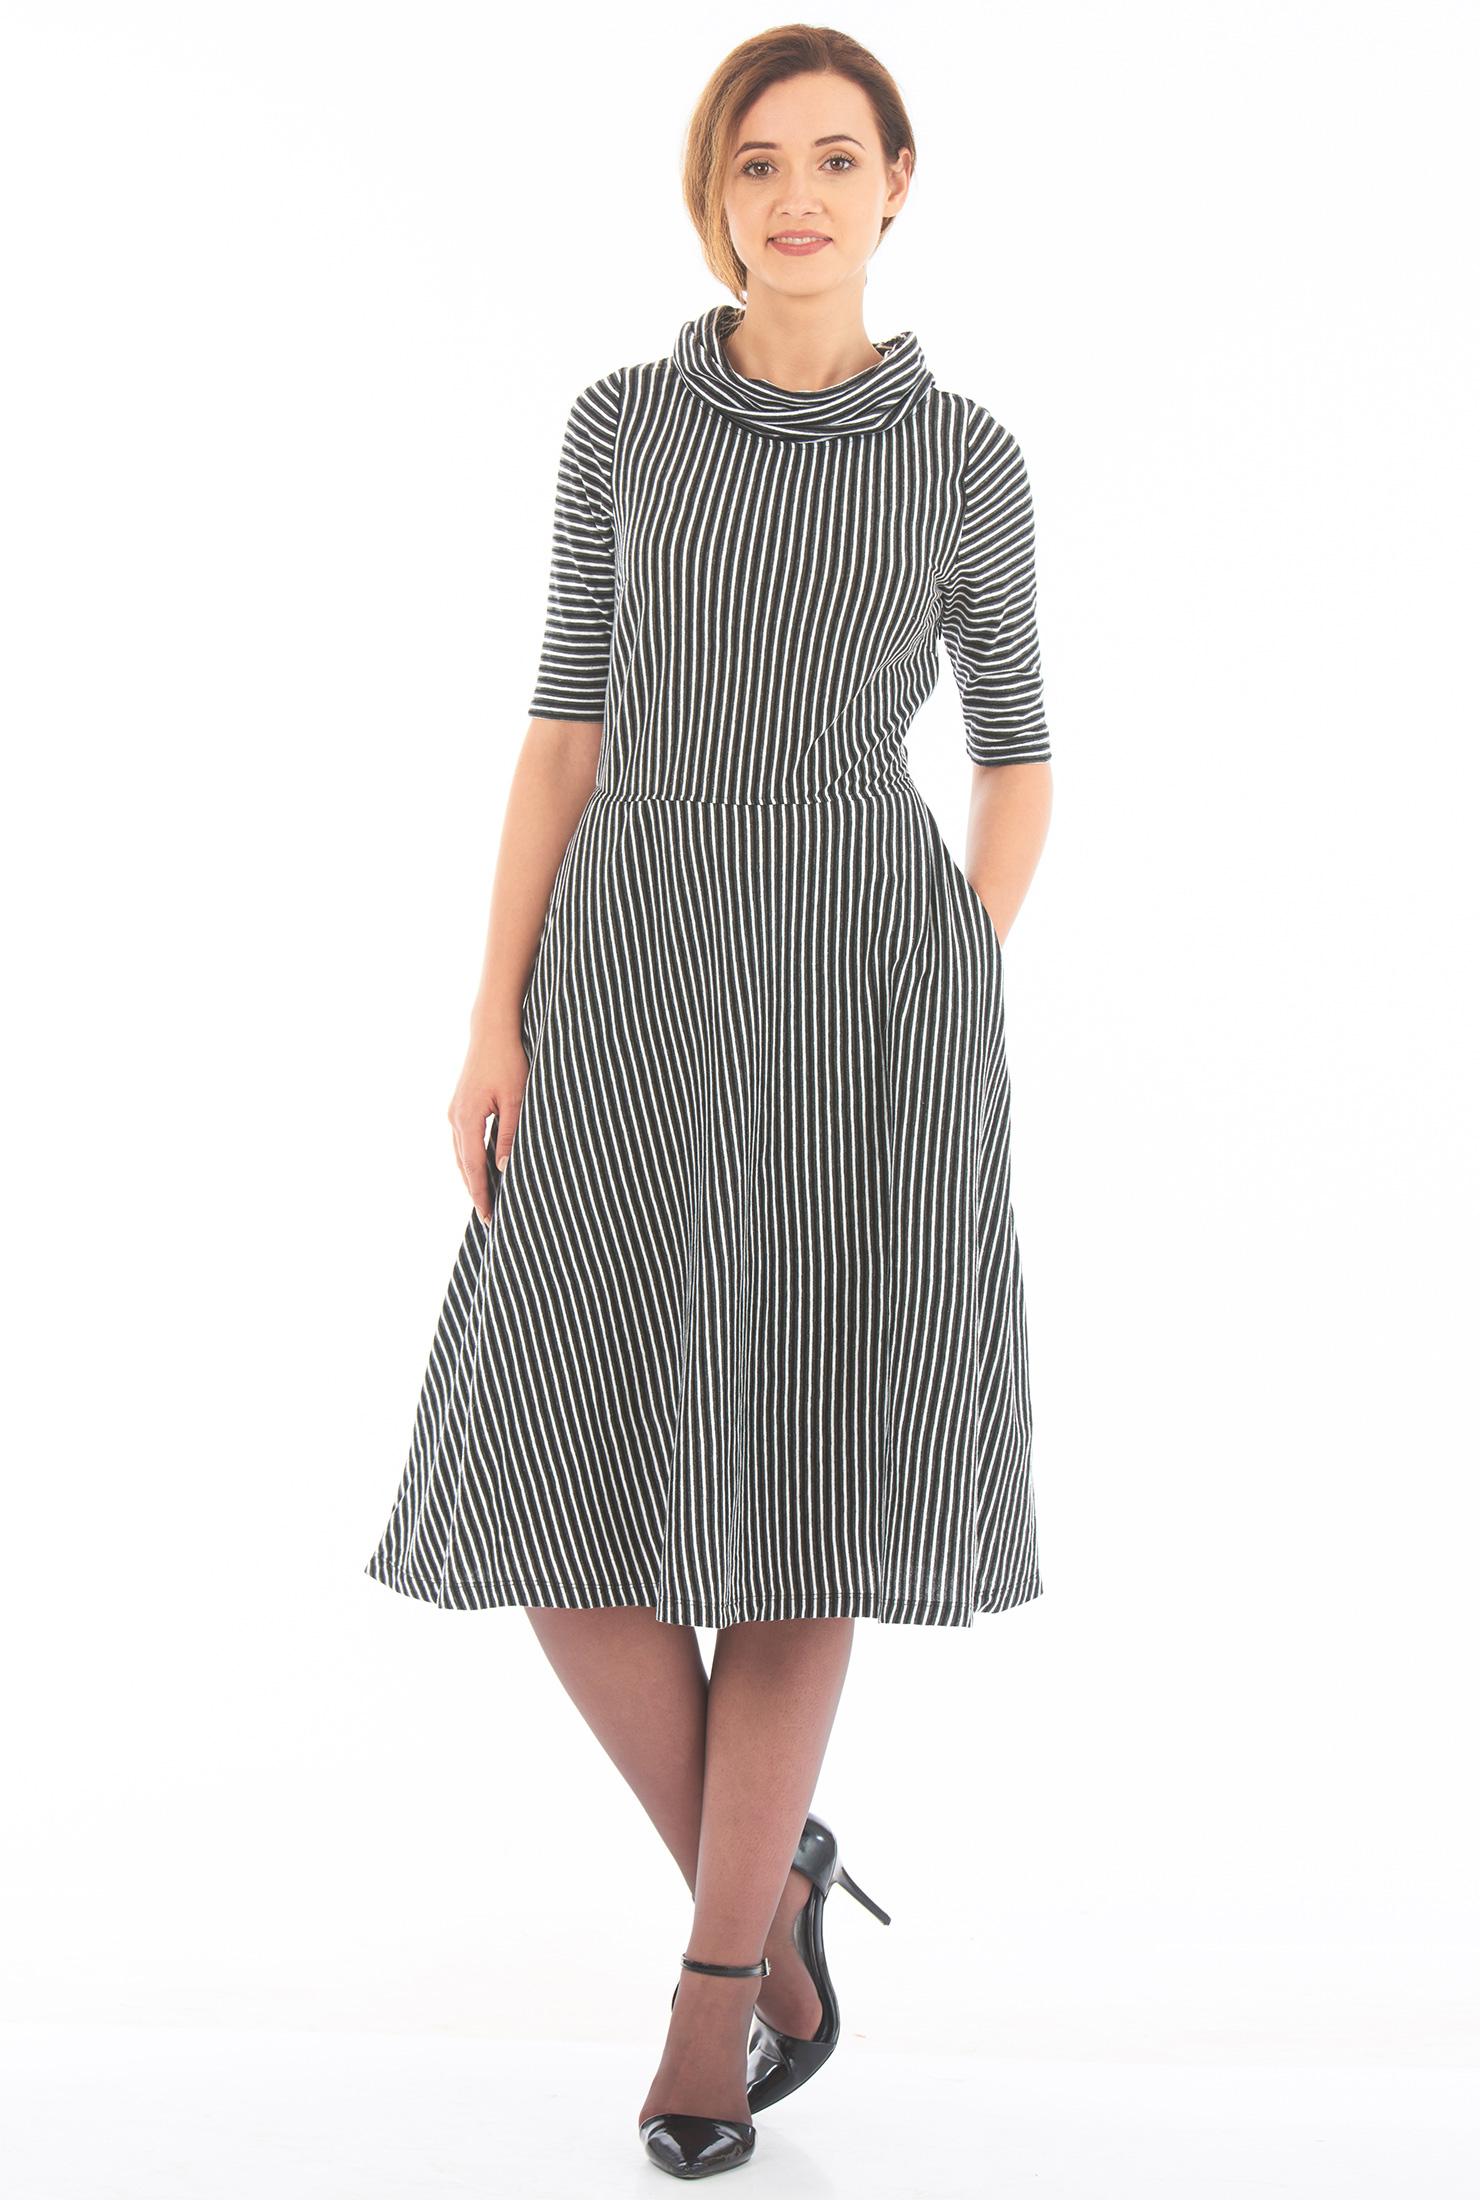 eShakti Women's Cowl neck stripe cotton knit dress